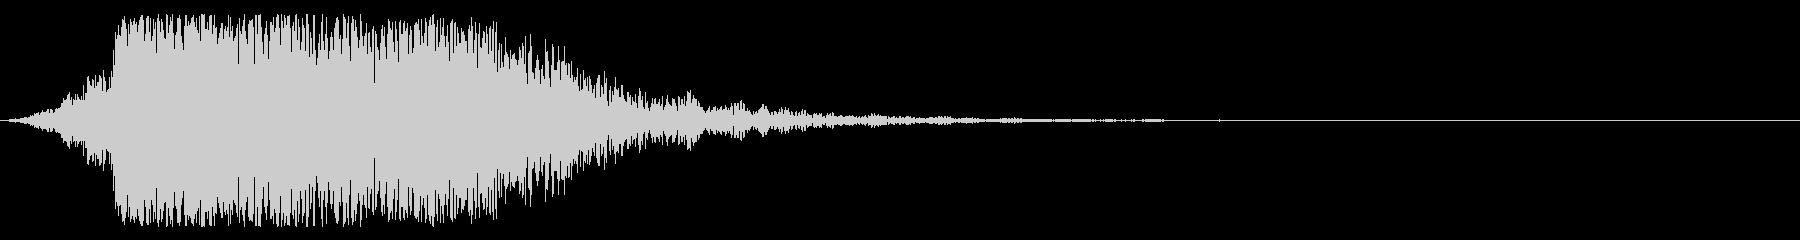 シネマティック DJヒット インパクト2の未再生の波形